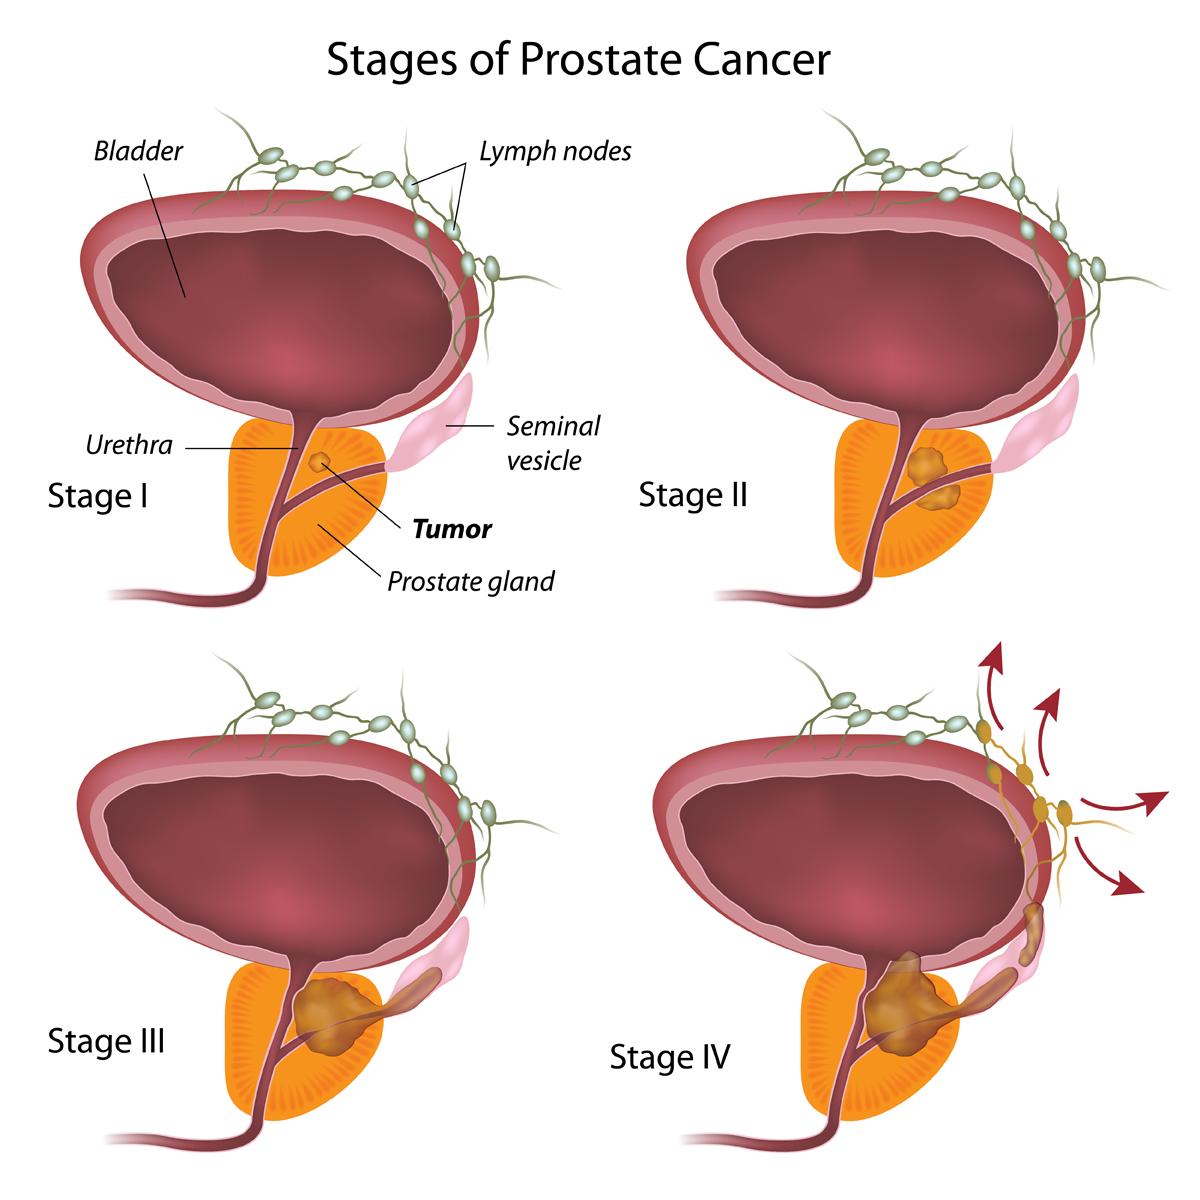 fumar demasiado ha causado prostatitis